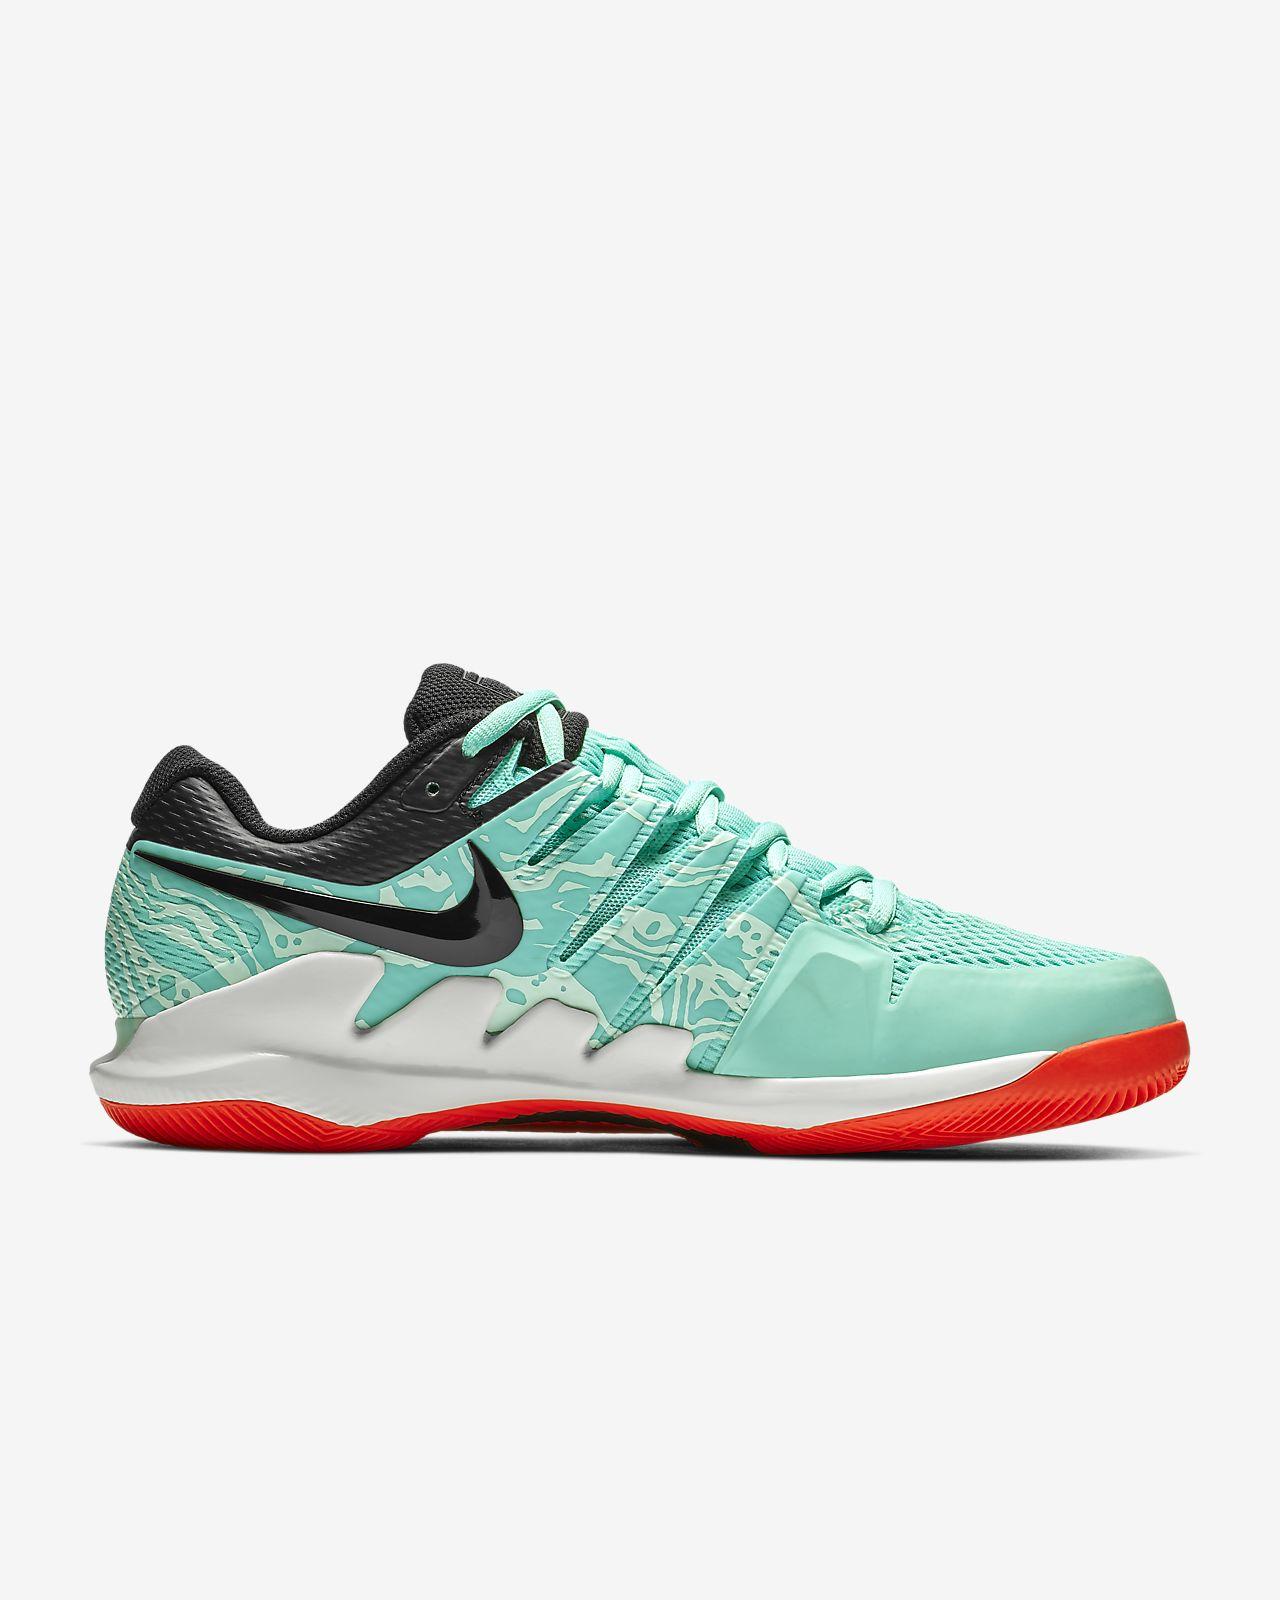 a5ecb7a8e61 NikeCourt Air Zoom Vapor X Men s Hard Court Tennis Shoe. Nike.com LU